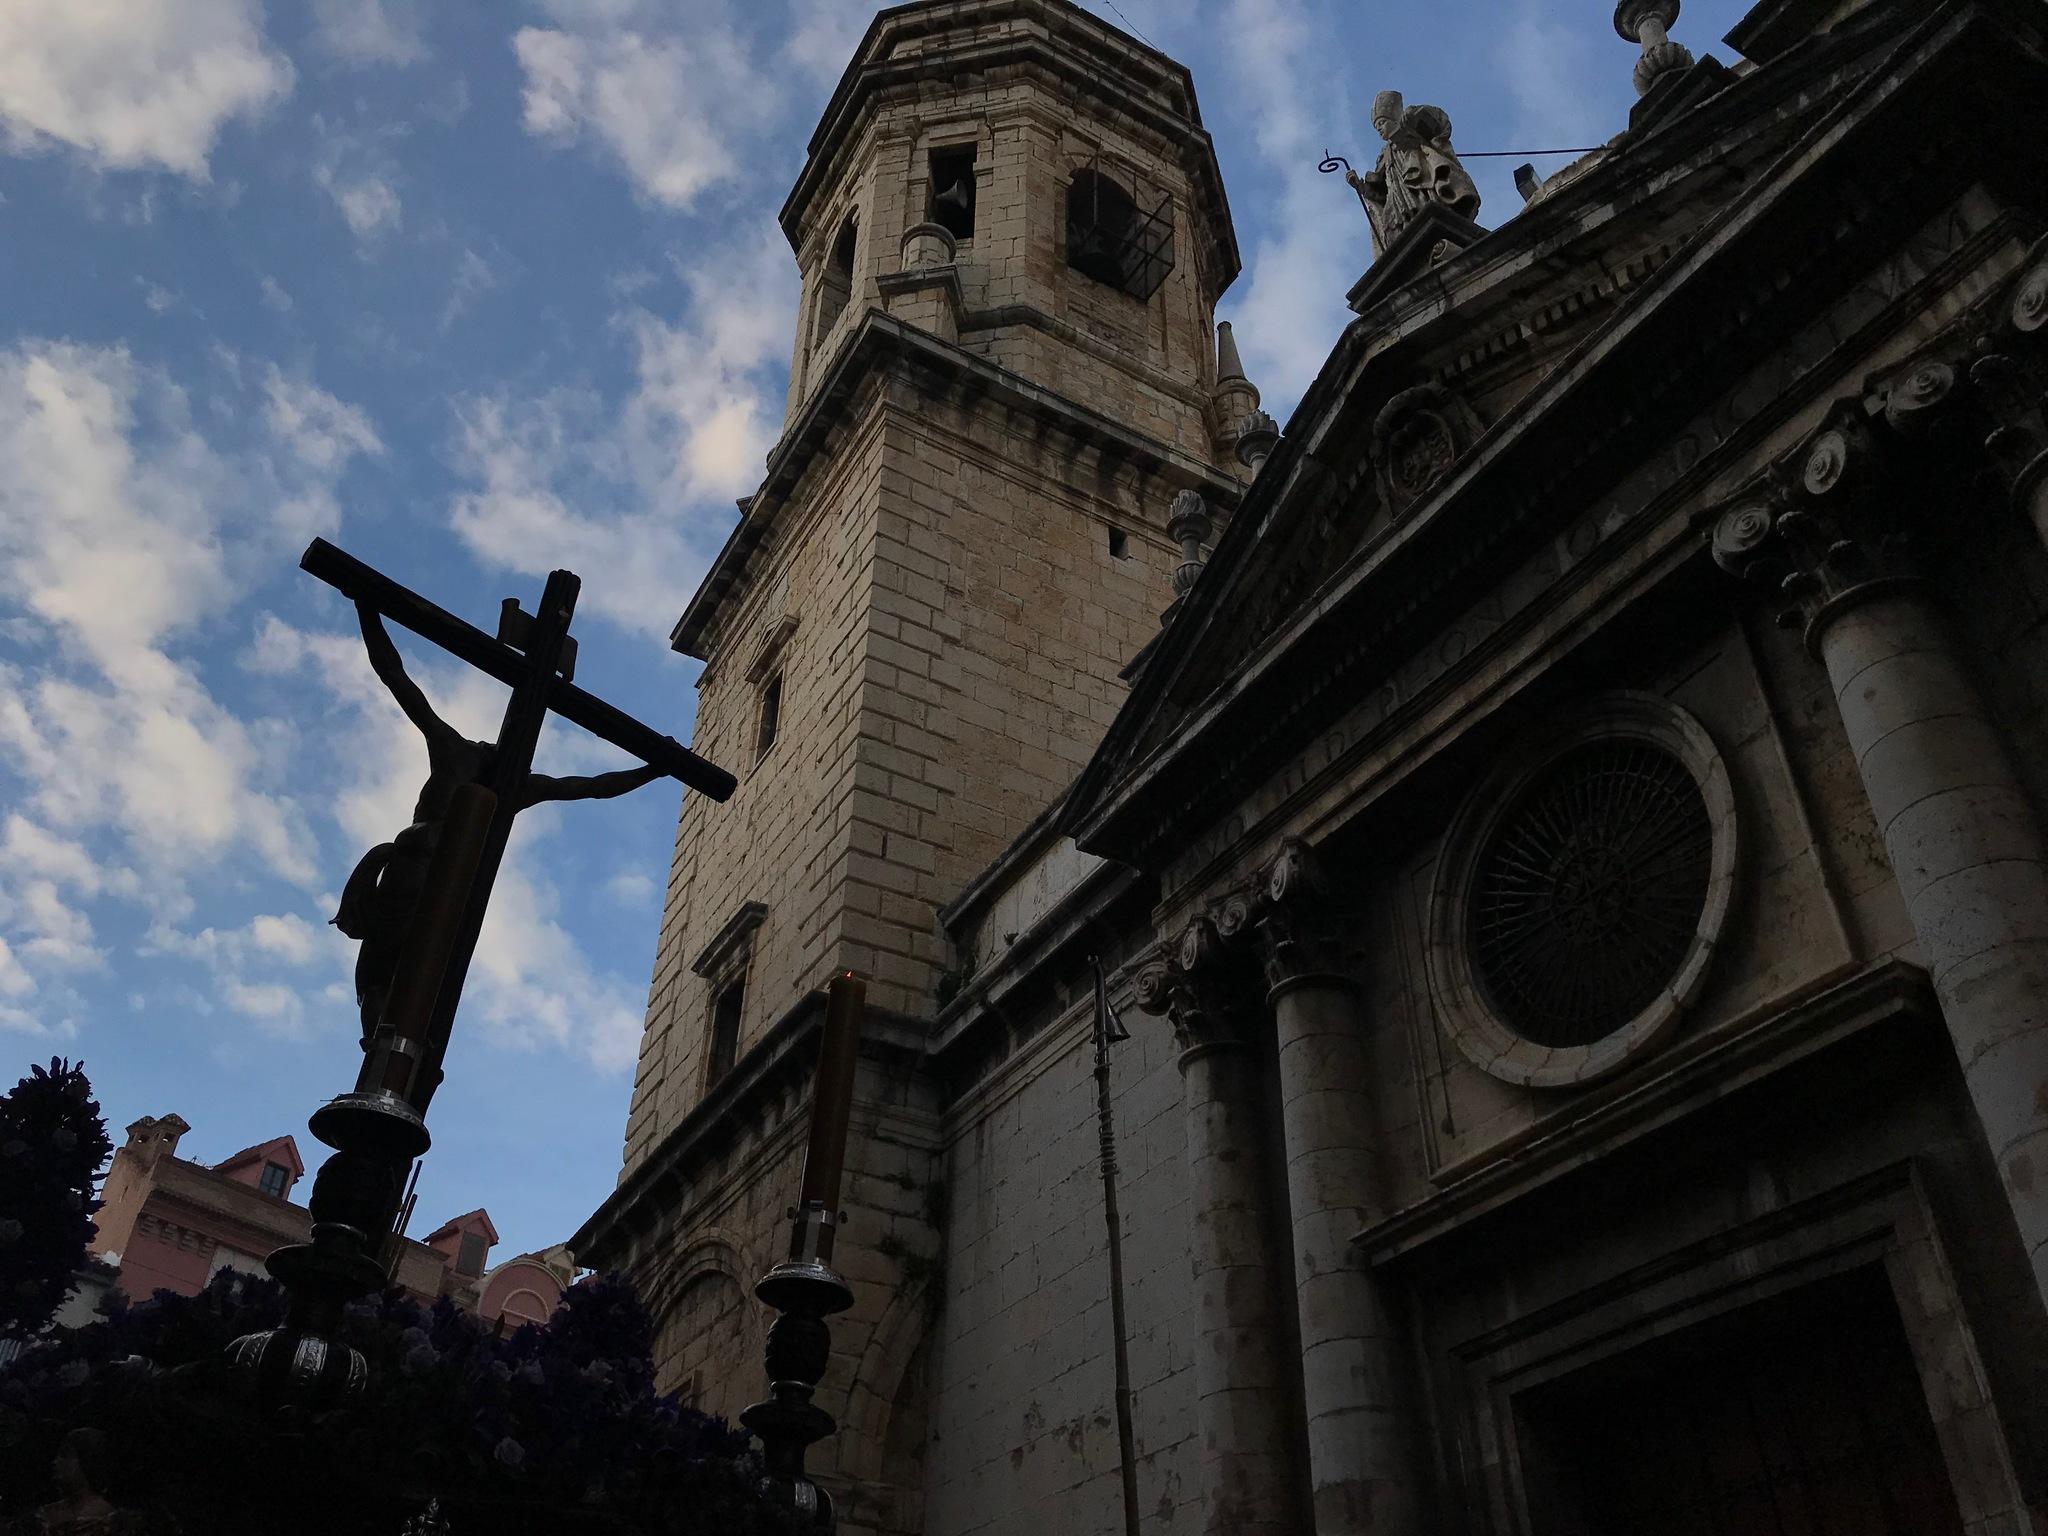 El Cristo de las Misericordias de Jaén la tarde del Lunes Santo junto a la iglesia de San Ildefonso.